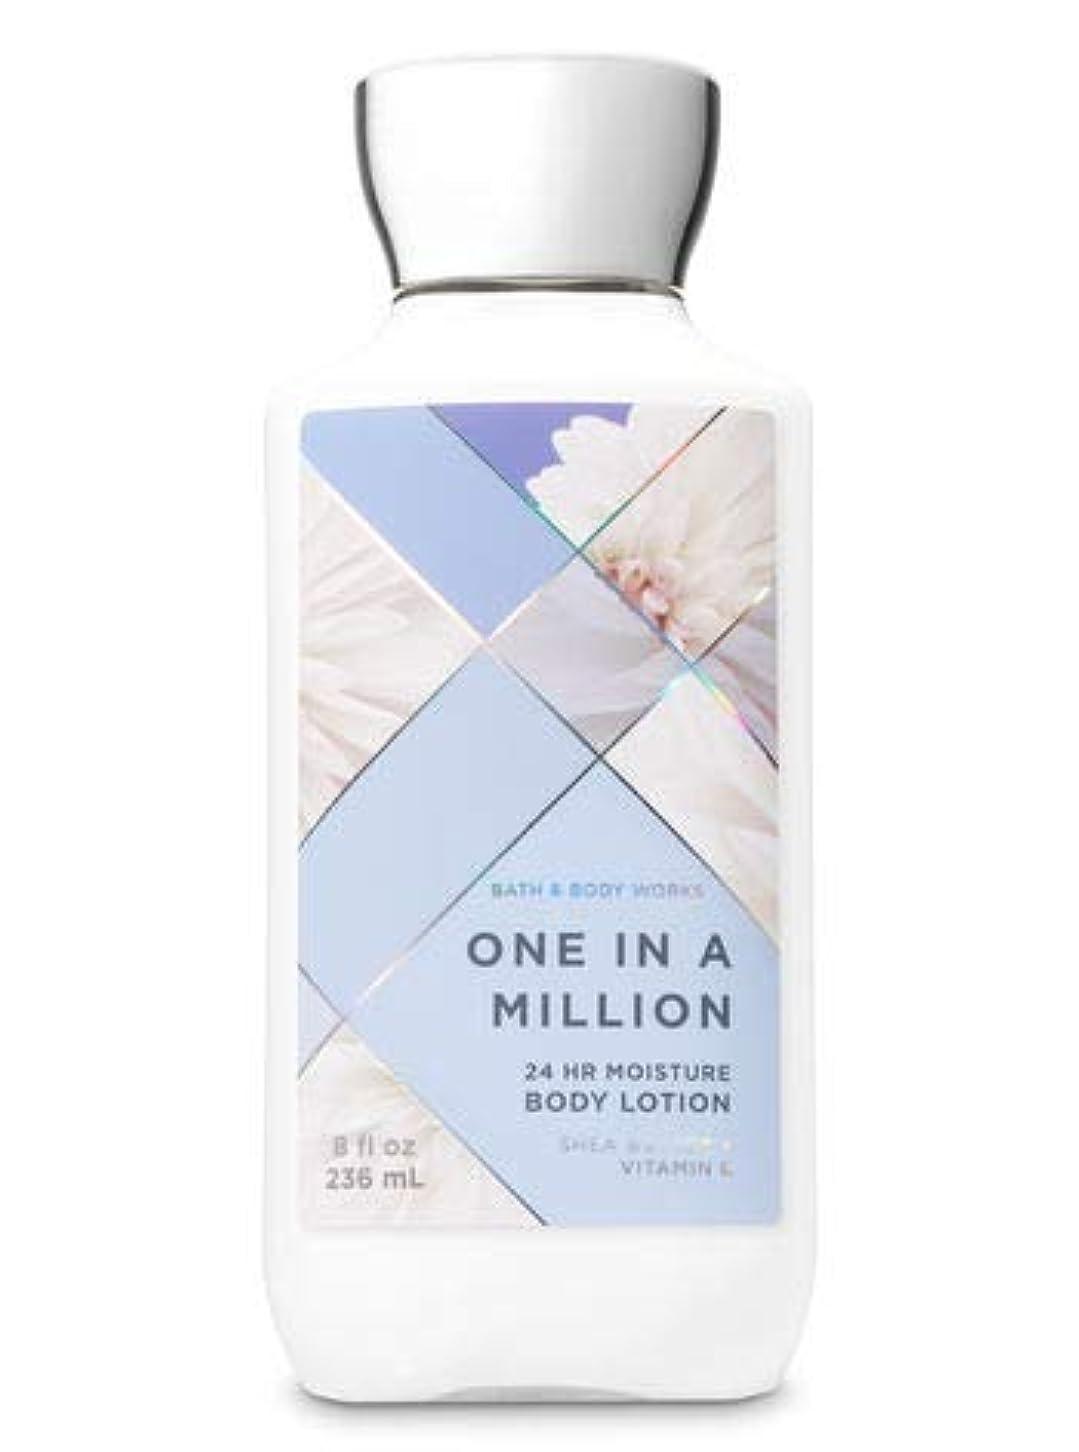 防衛スポット傭兵【Bath&Body Works/バス&ボディワークス】 ボディローション ワンインアミリオン Super Smooth Body Lotion One in a Million 8 fl oz / 236 mL [並行輸入品]